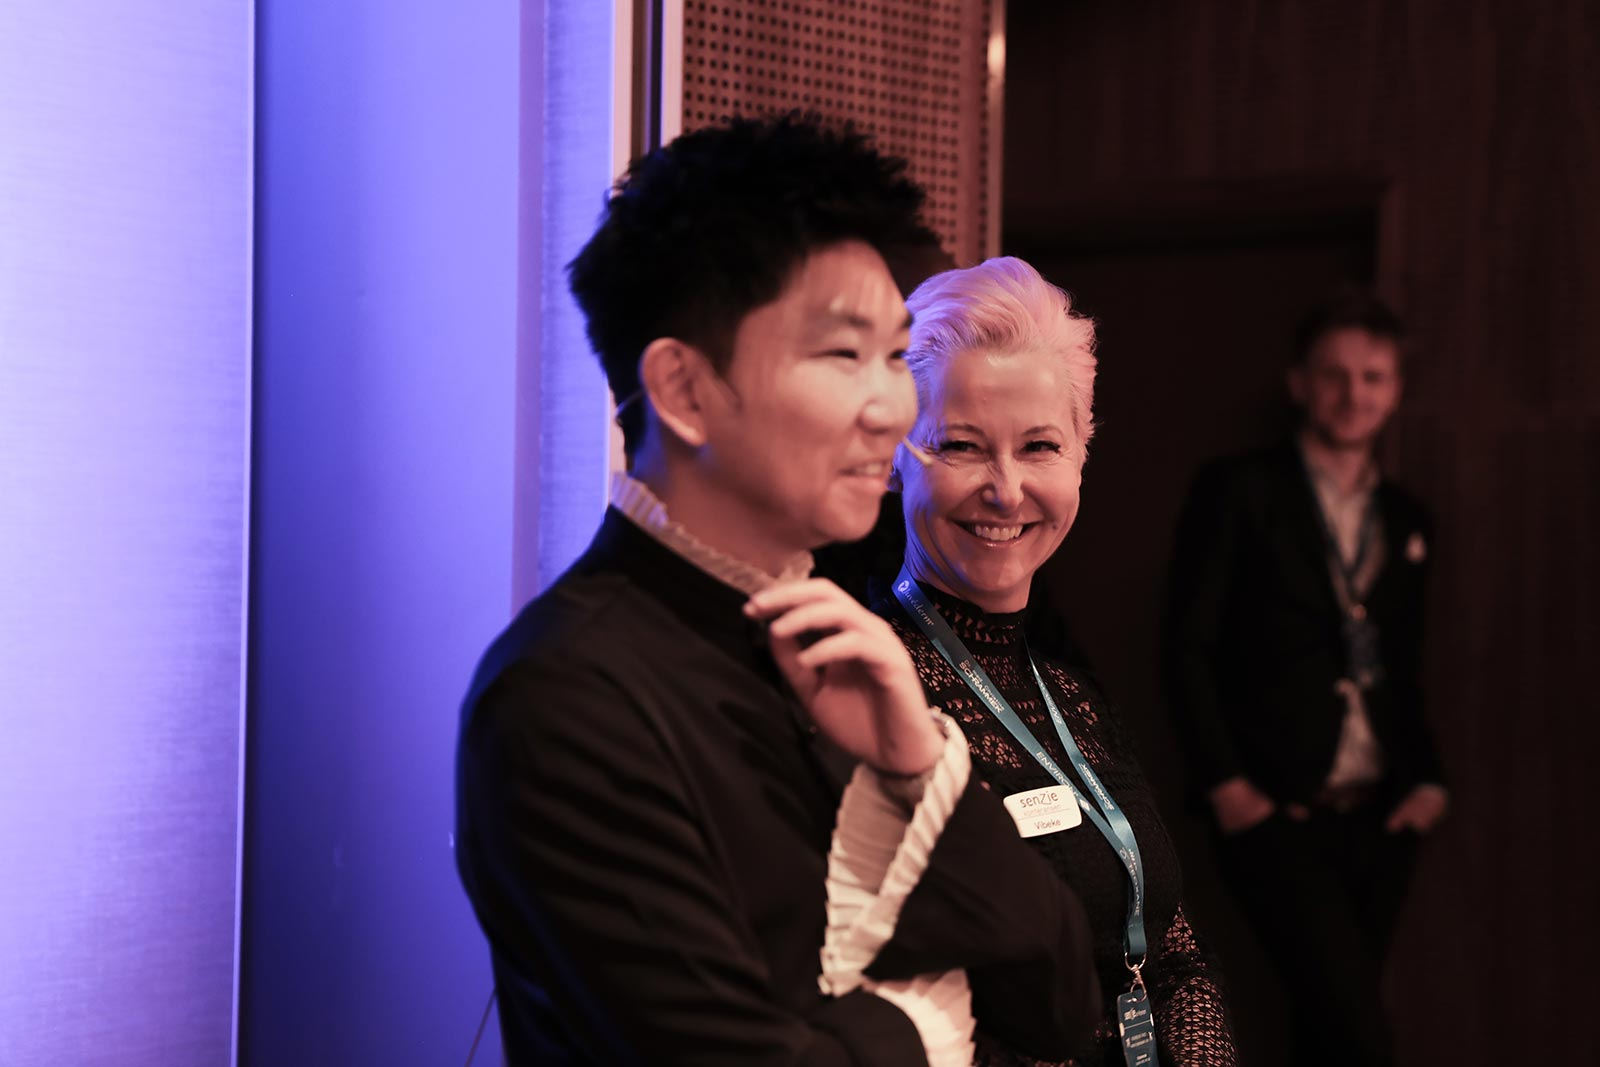 Senzie Conference 2019 - Dr. Kieren Bong and Vibeke Sundene